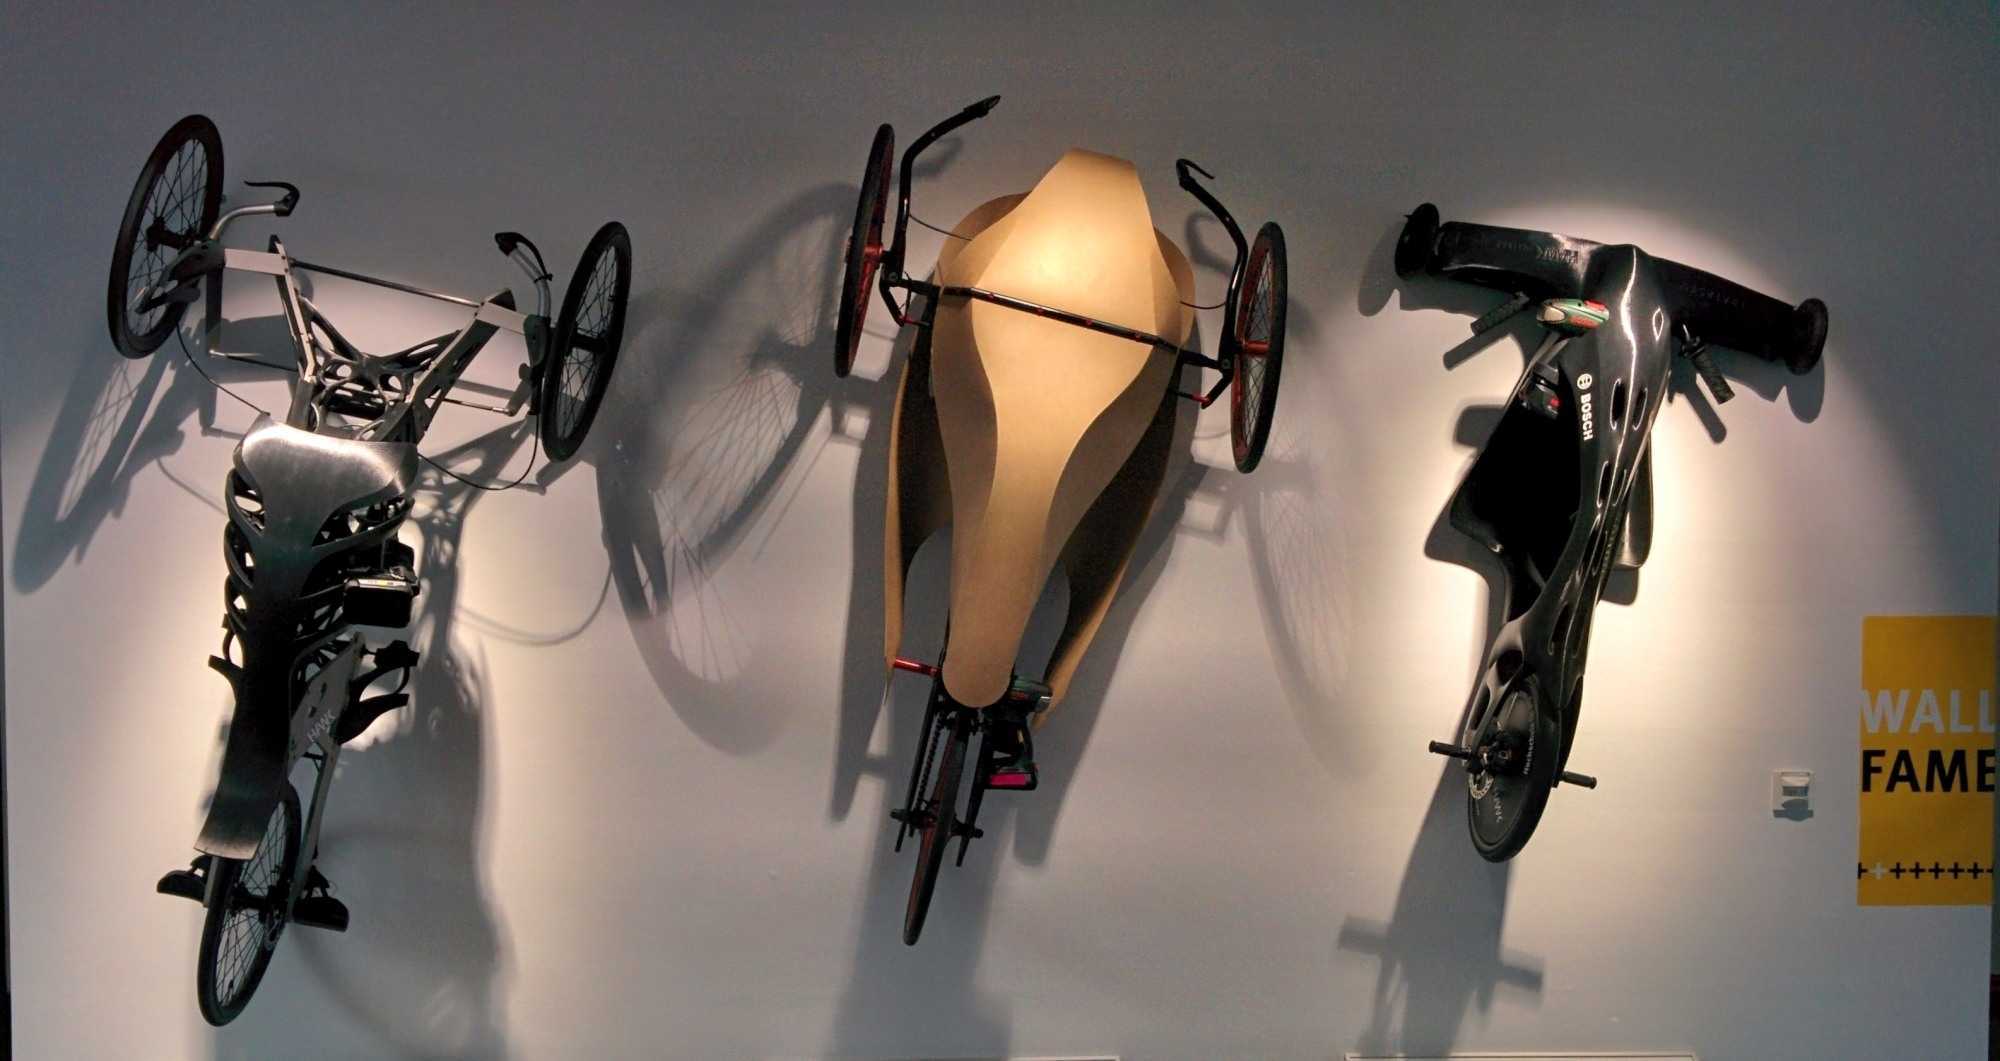 """Die """"Wall of Fame"""" mit Akkuschrauber-Rennern aus Hildesheim aus den vergangenen Jahren. Von links: mit Rückgrat aus dem 3D-Drucker (2016), mit Rumpf aus dem Holzwerkstoff Kraftplex (2013), mit komplettem Chassis aus dem 3D-Drucker (2011)."""